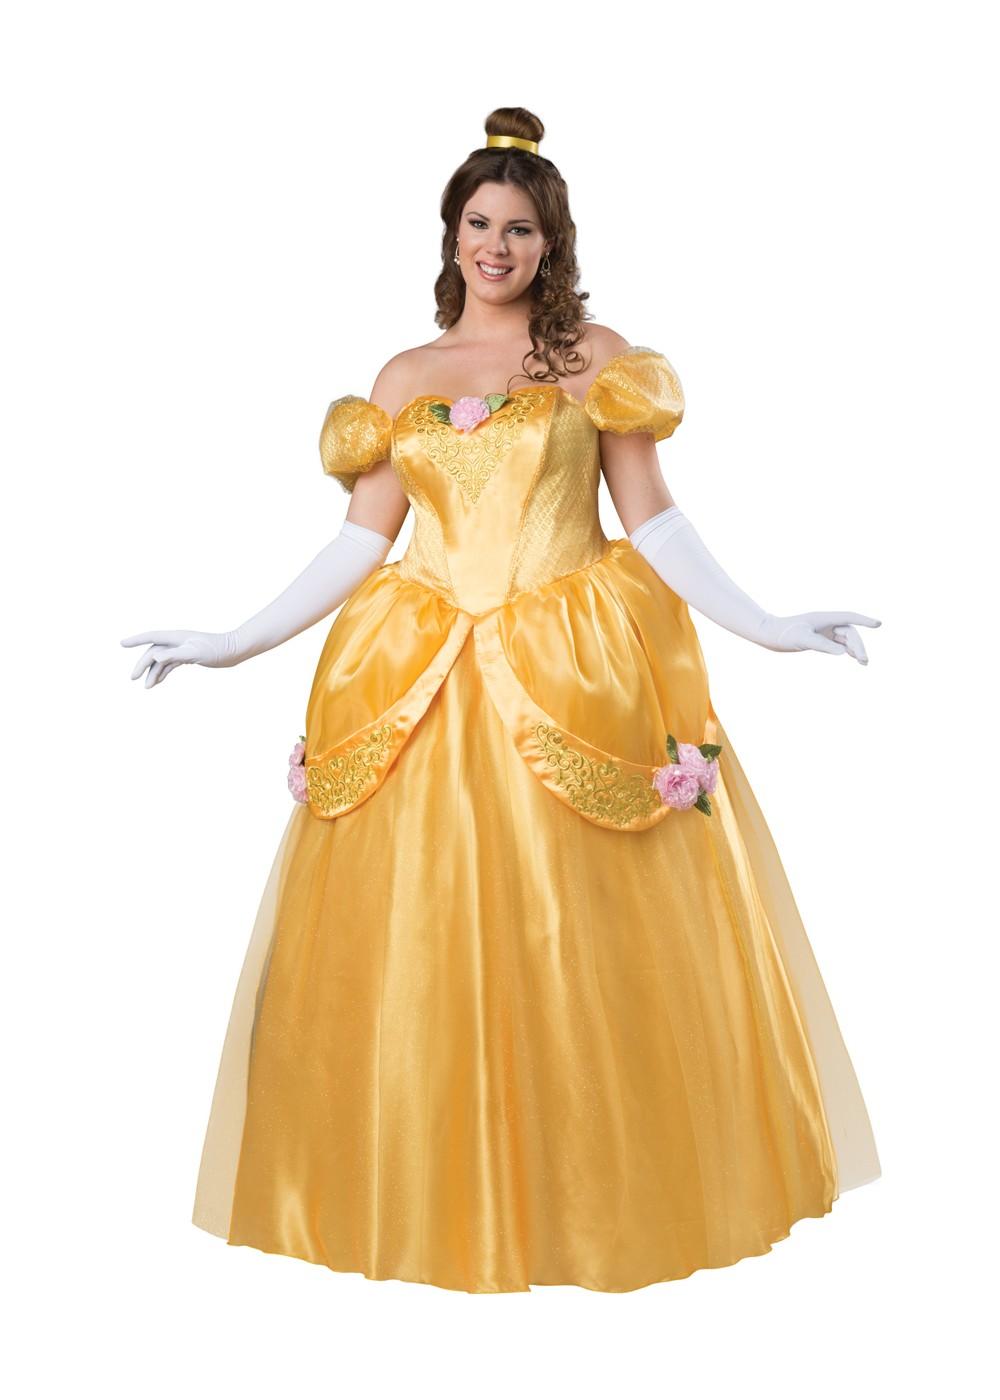 beautiful princess plus size women costume princess costumes